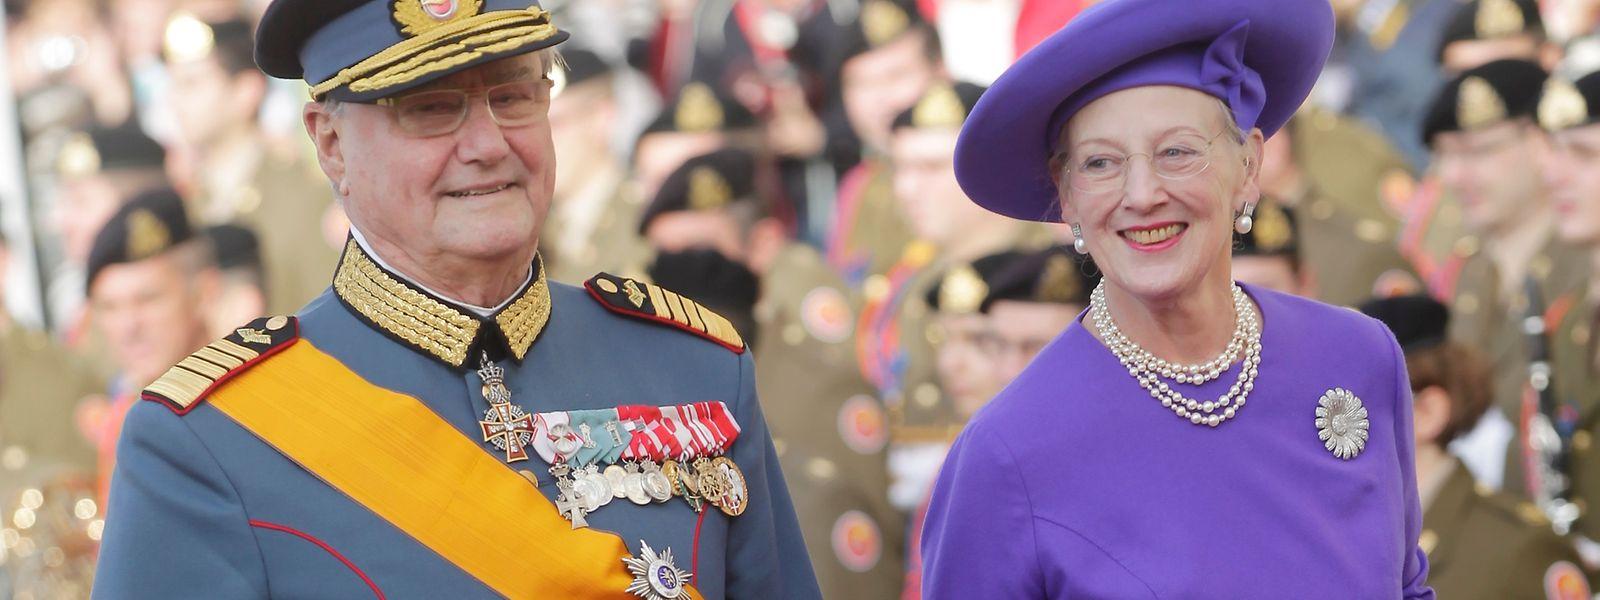 Königin Margarethe und Prinz Henrik weilten zur Hochzeit von Erbgroßherzog Guillaume und Prinzessin Stéphanie im Jahr 2012 in Luxemburg.